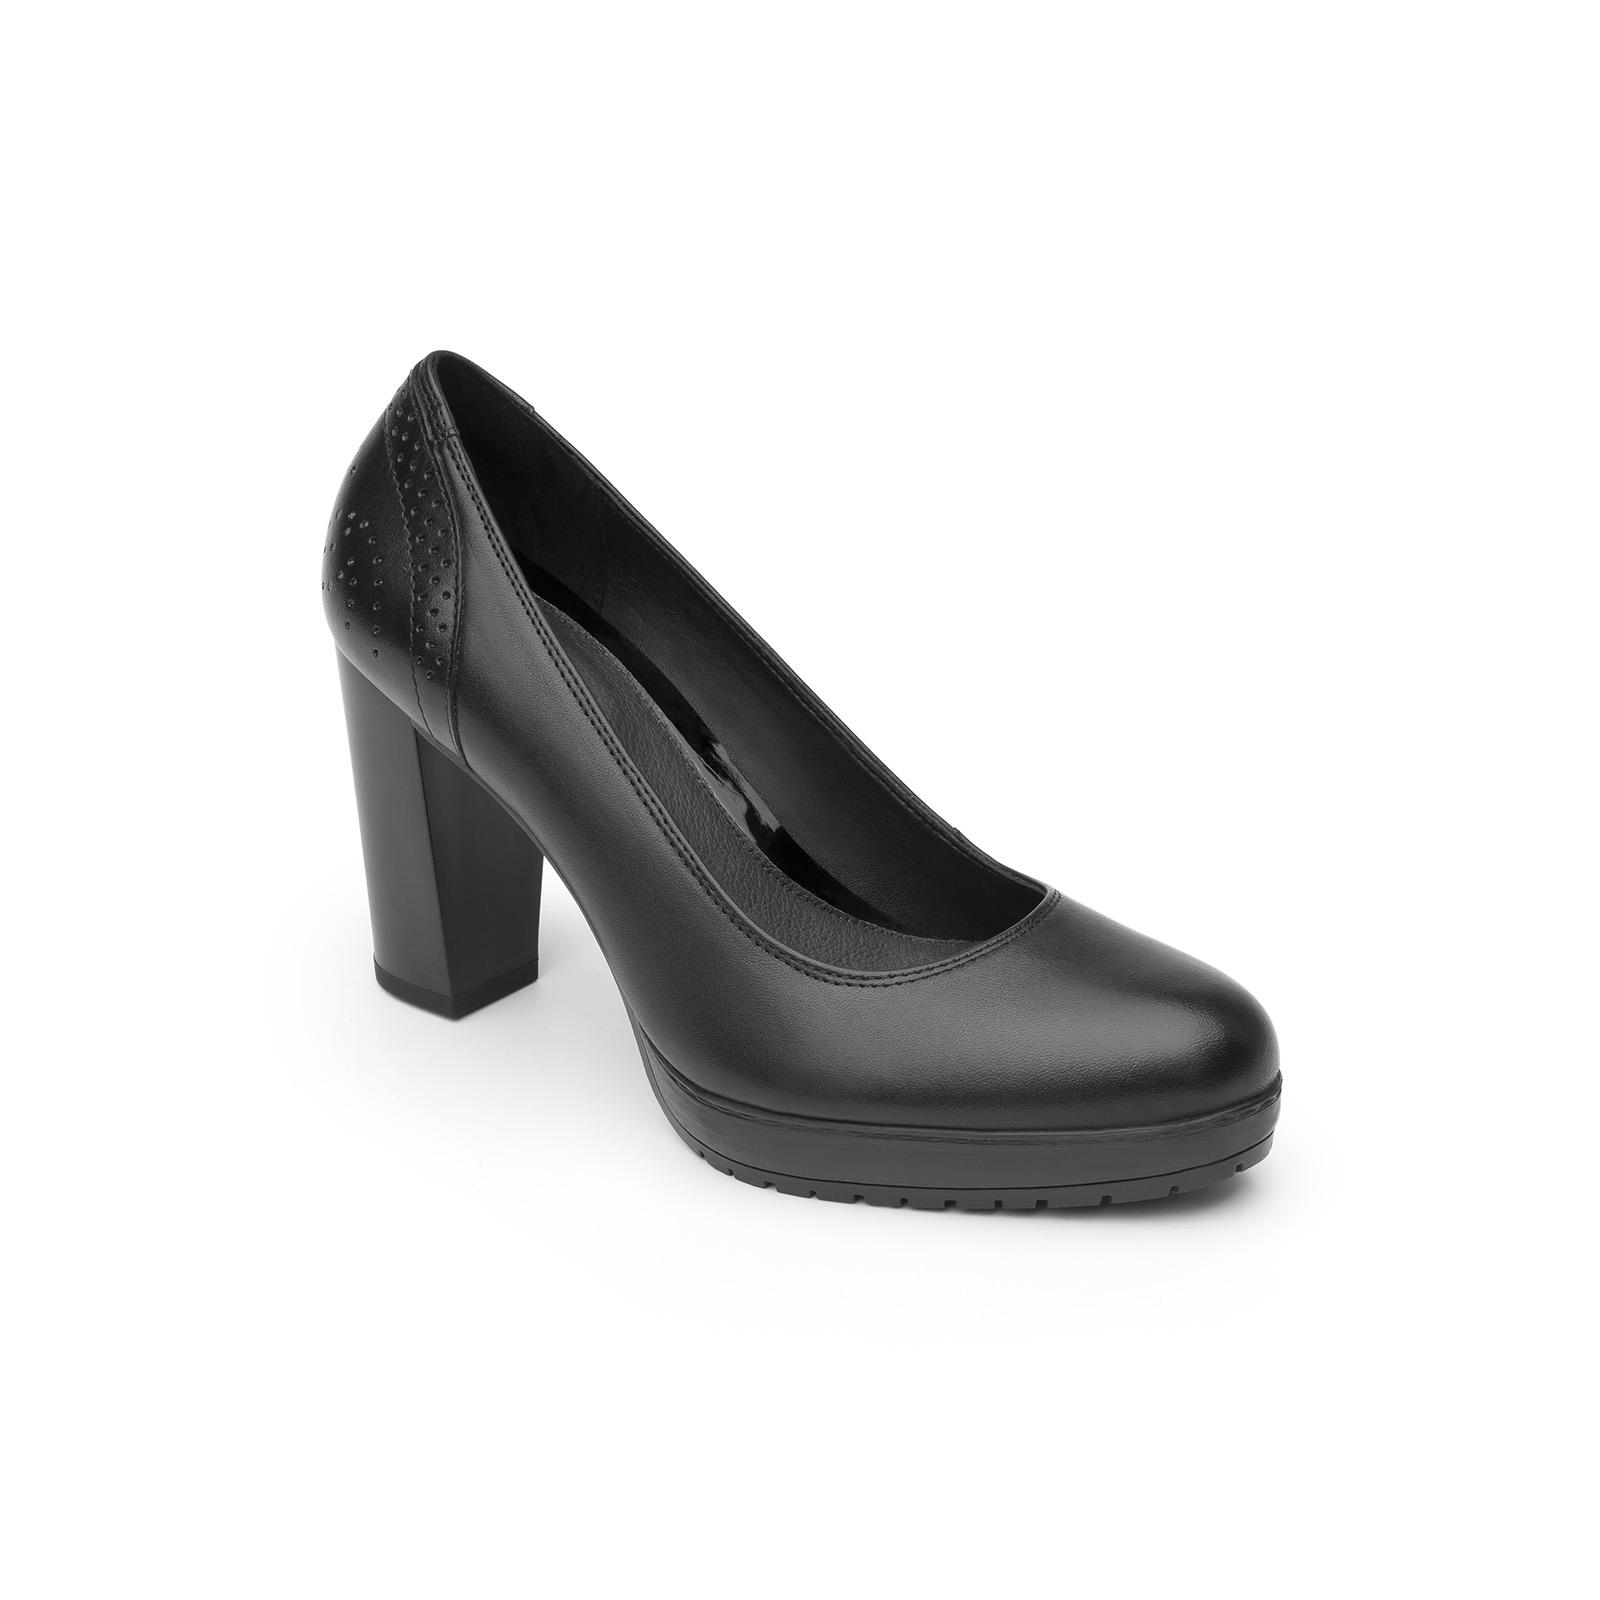 Dolores 41801 in Black : Women's Pumps